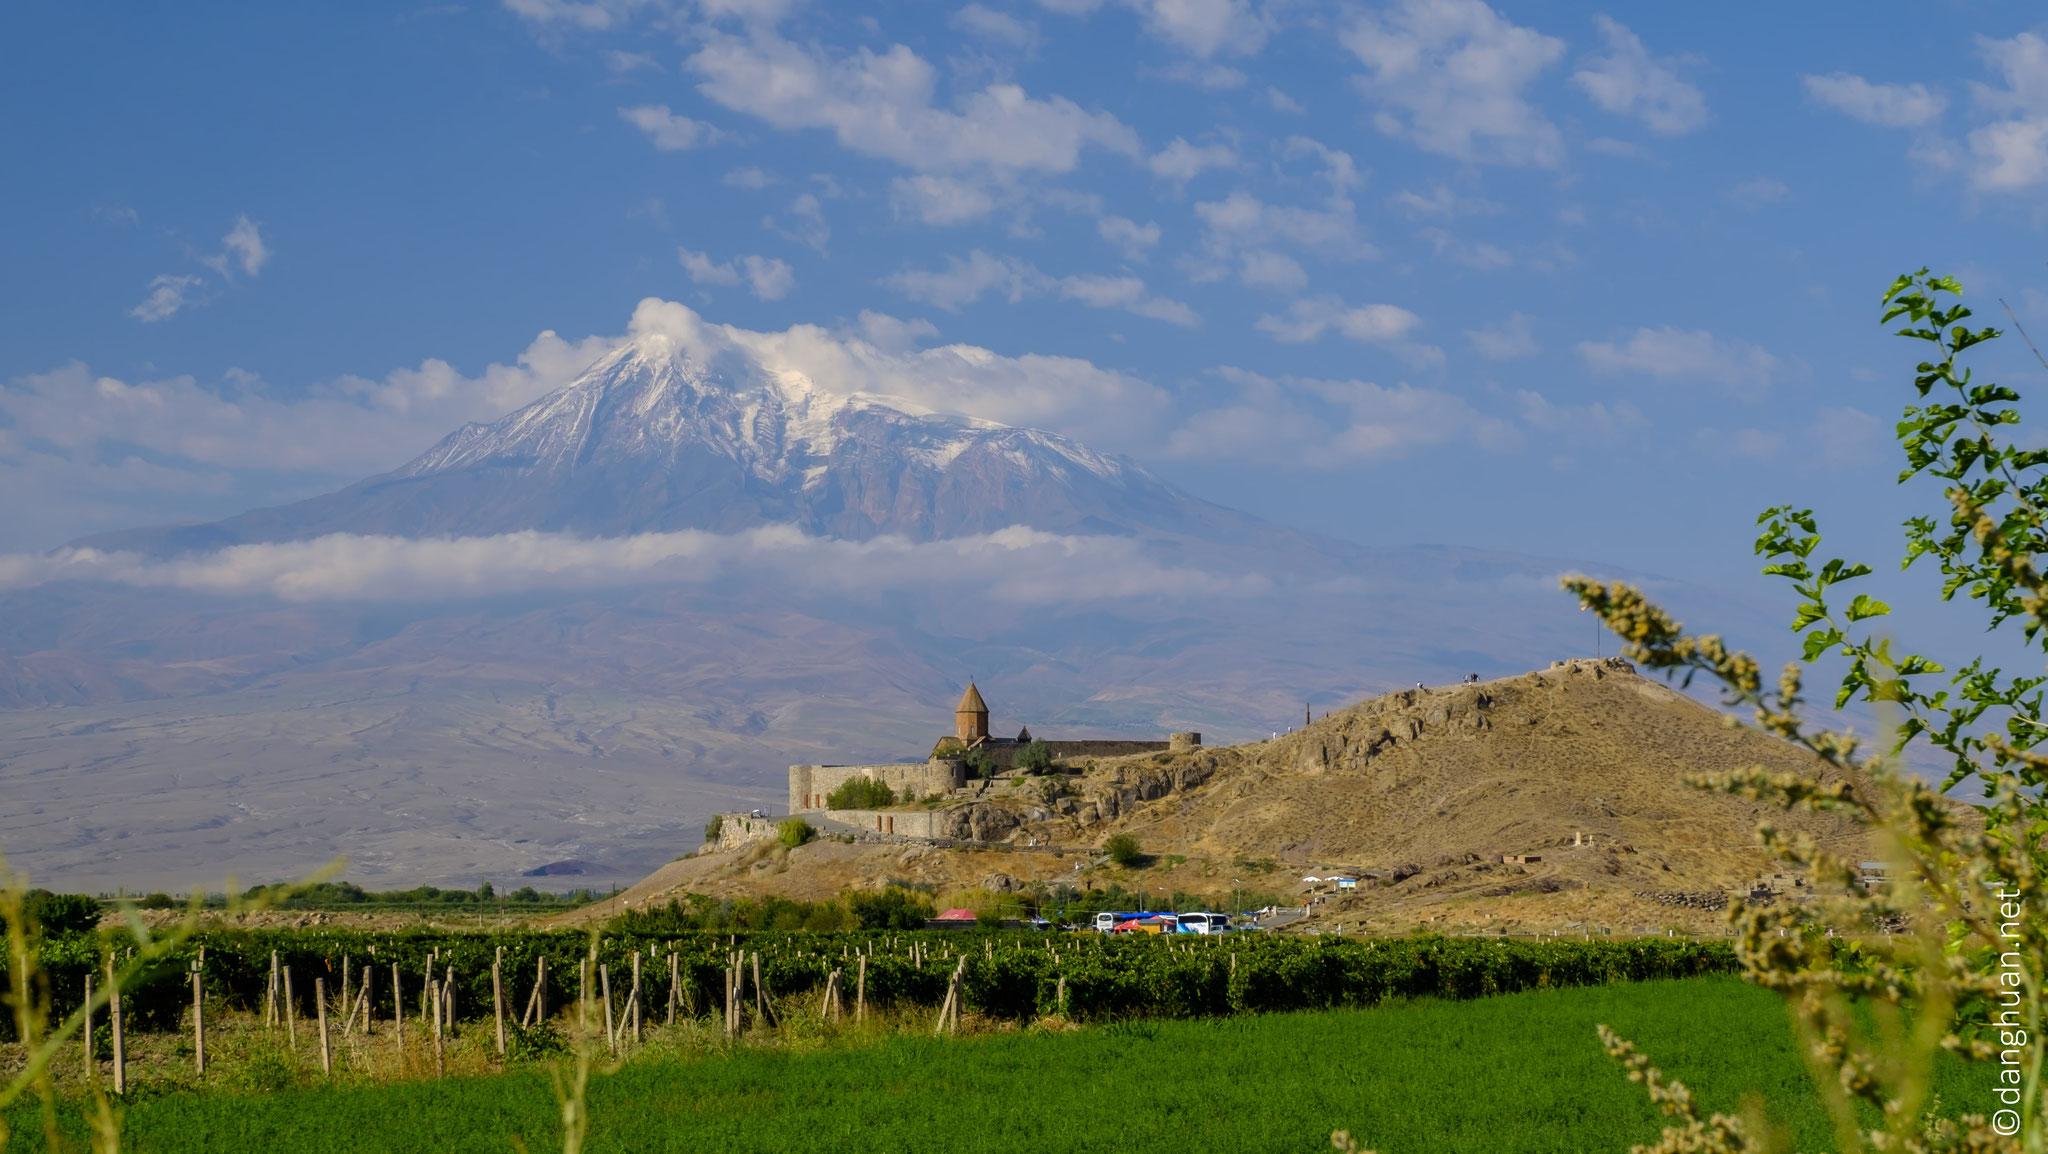 Le monastère de Khor-Virap (fosse profonde) est l'un des lieux saints...